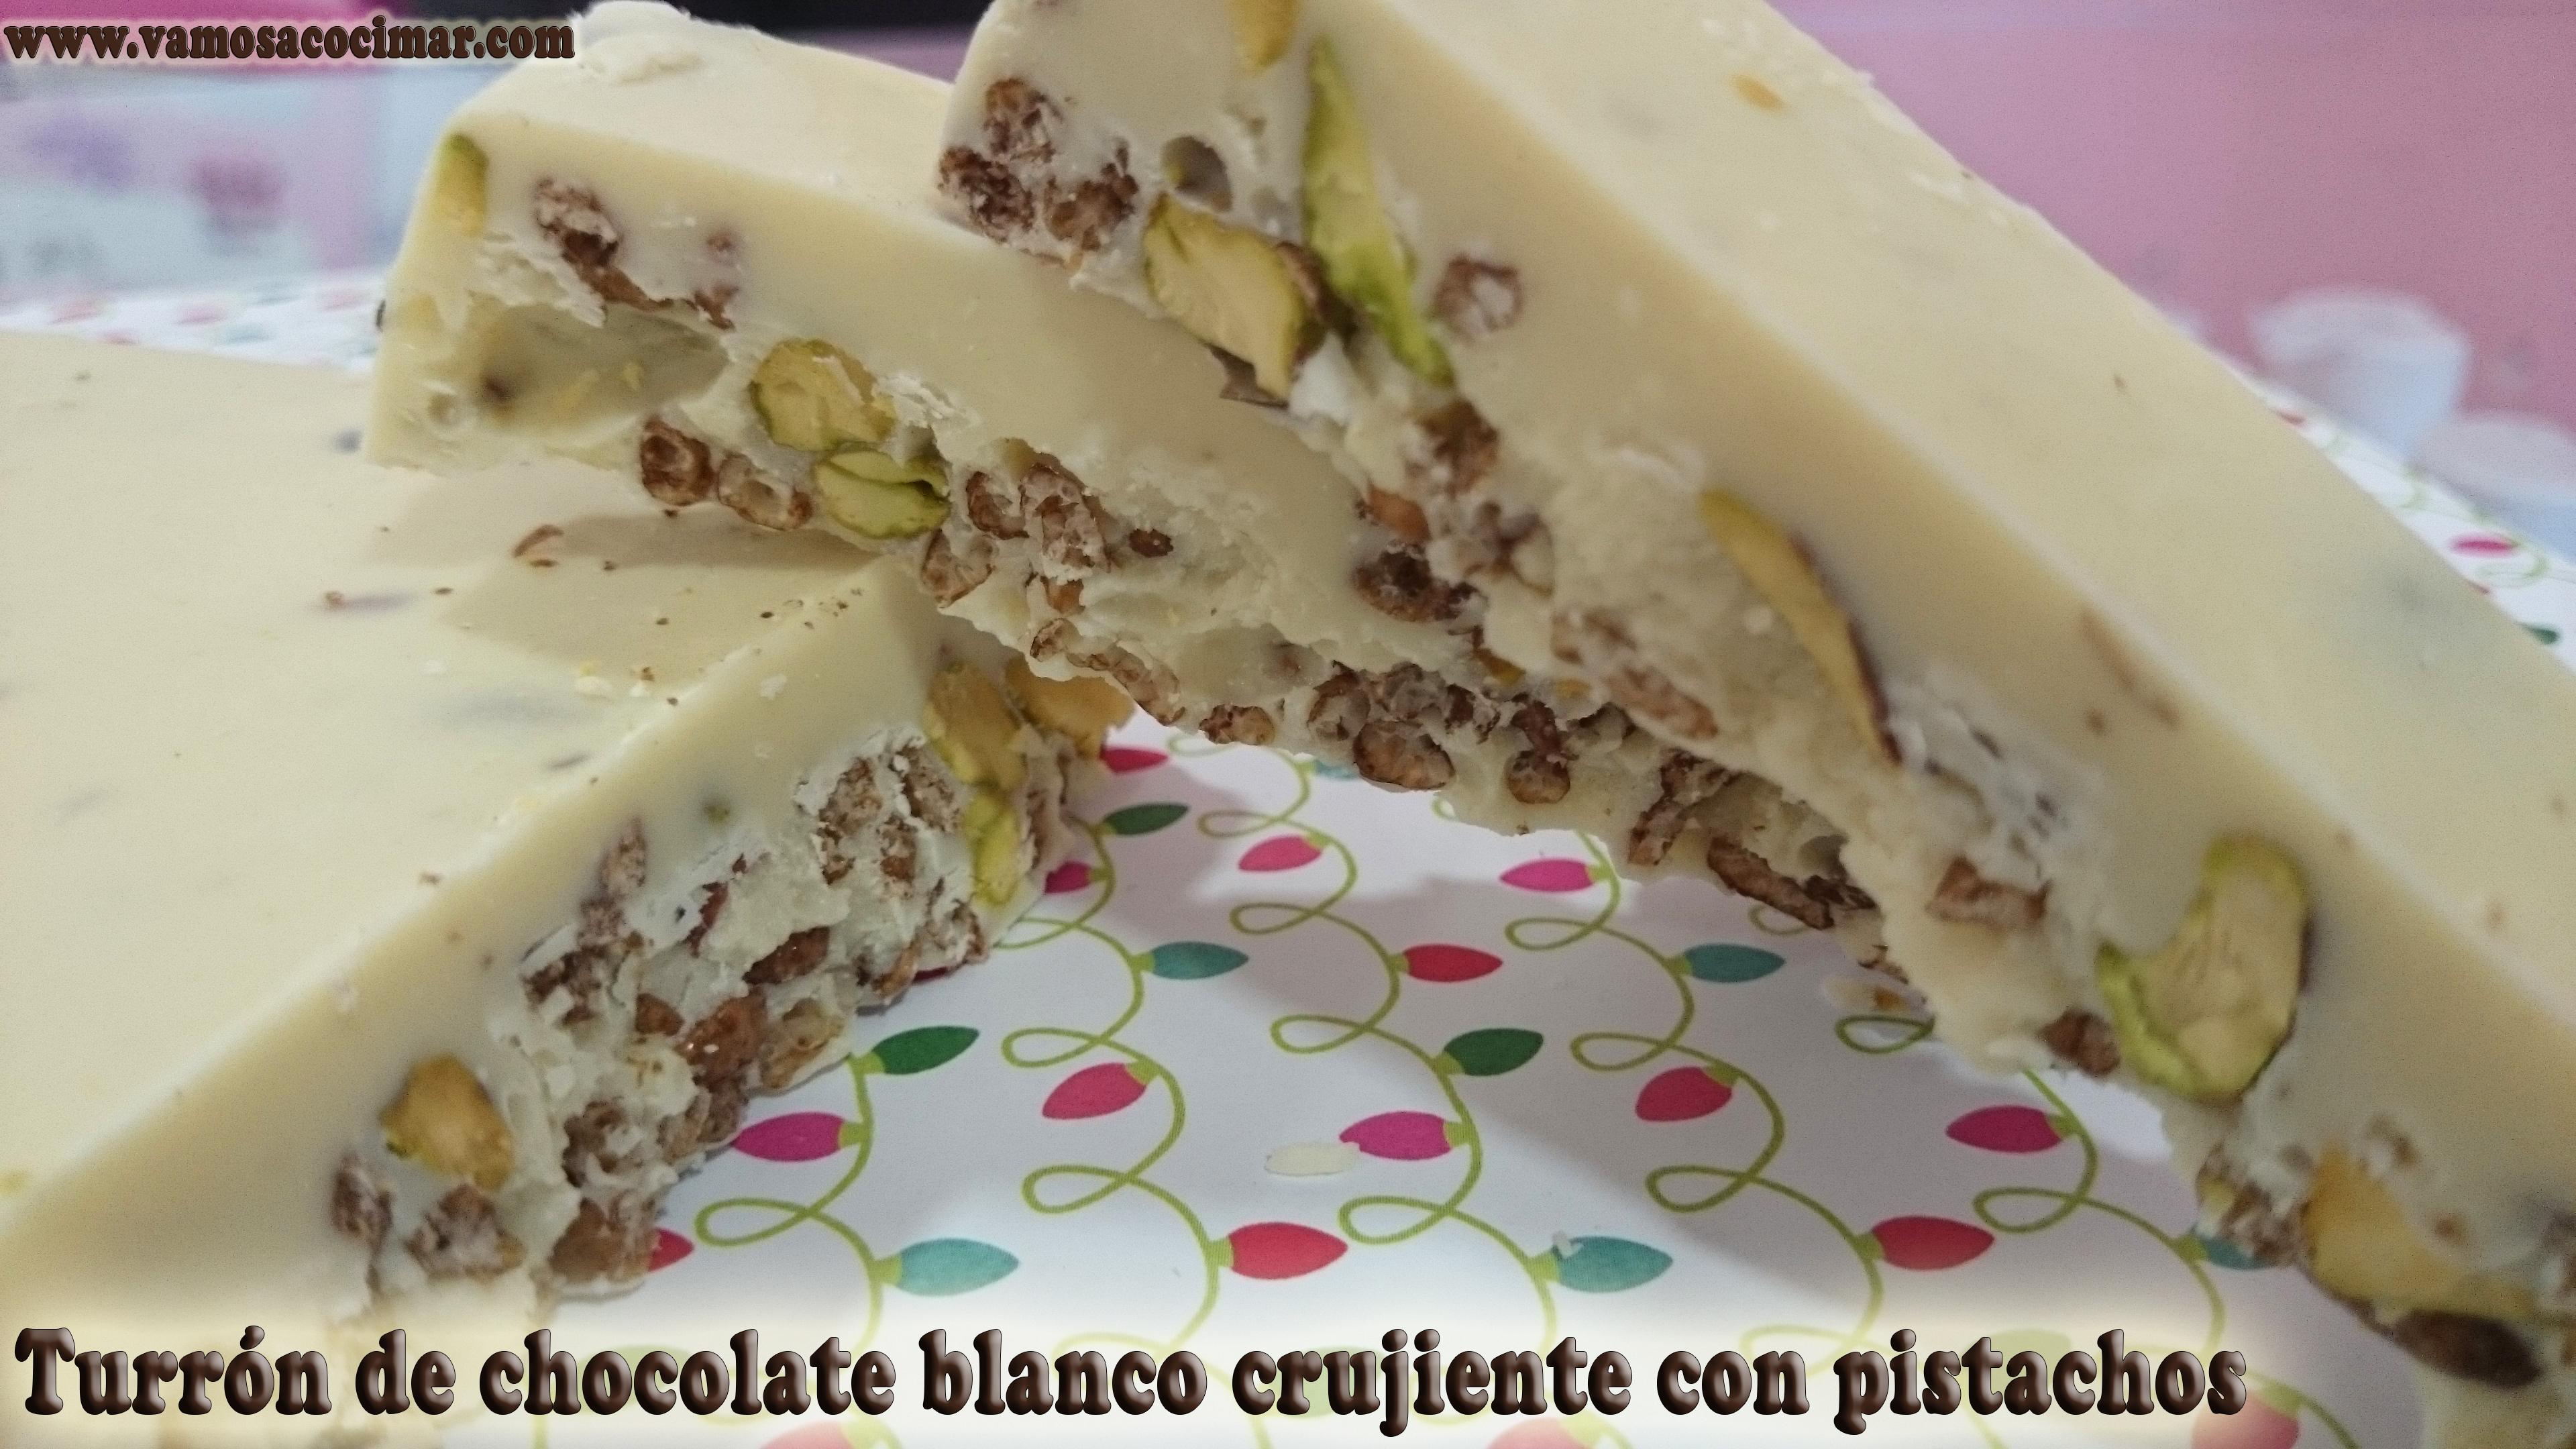 turron-chocolate-blanco-crujiente2